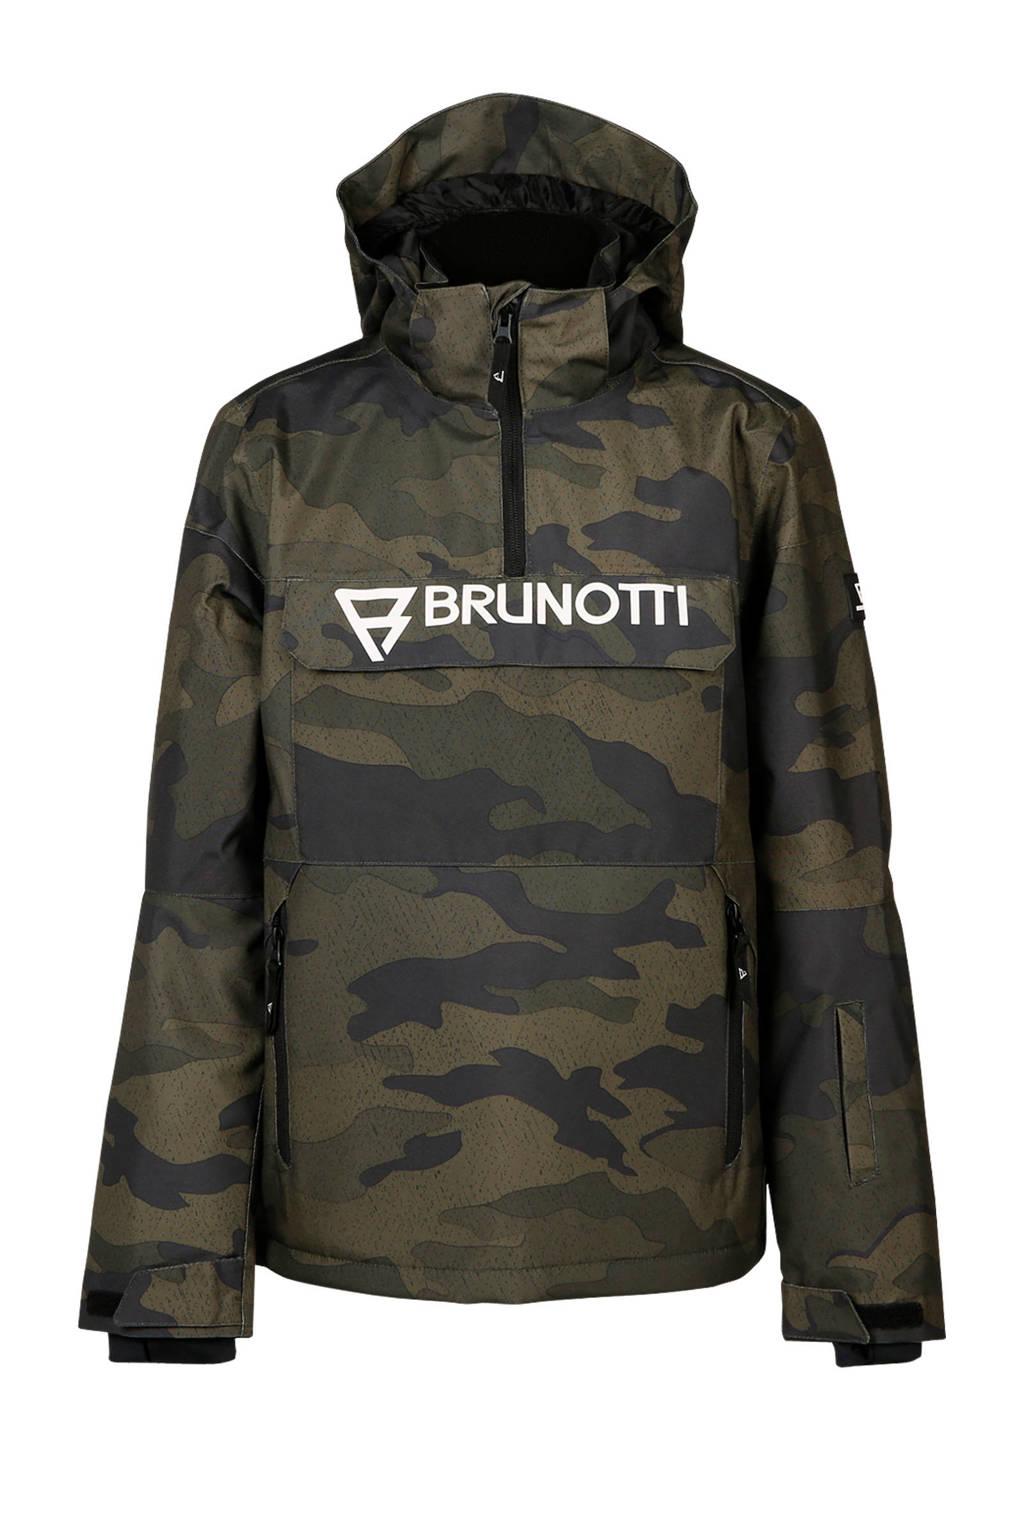 Brunotti jack camouflage print groen/zwart, Groen/zwart